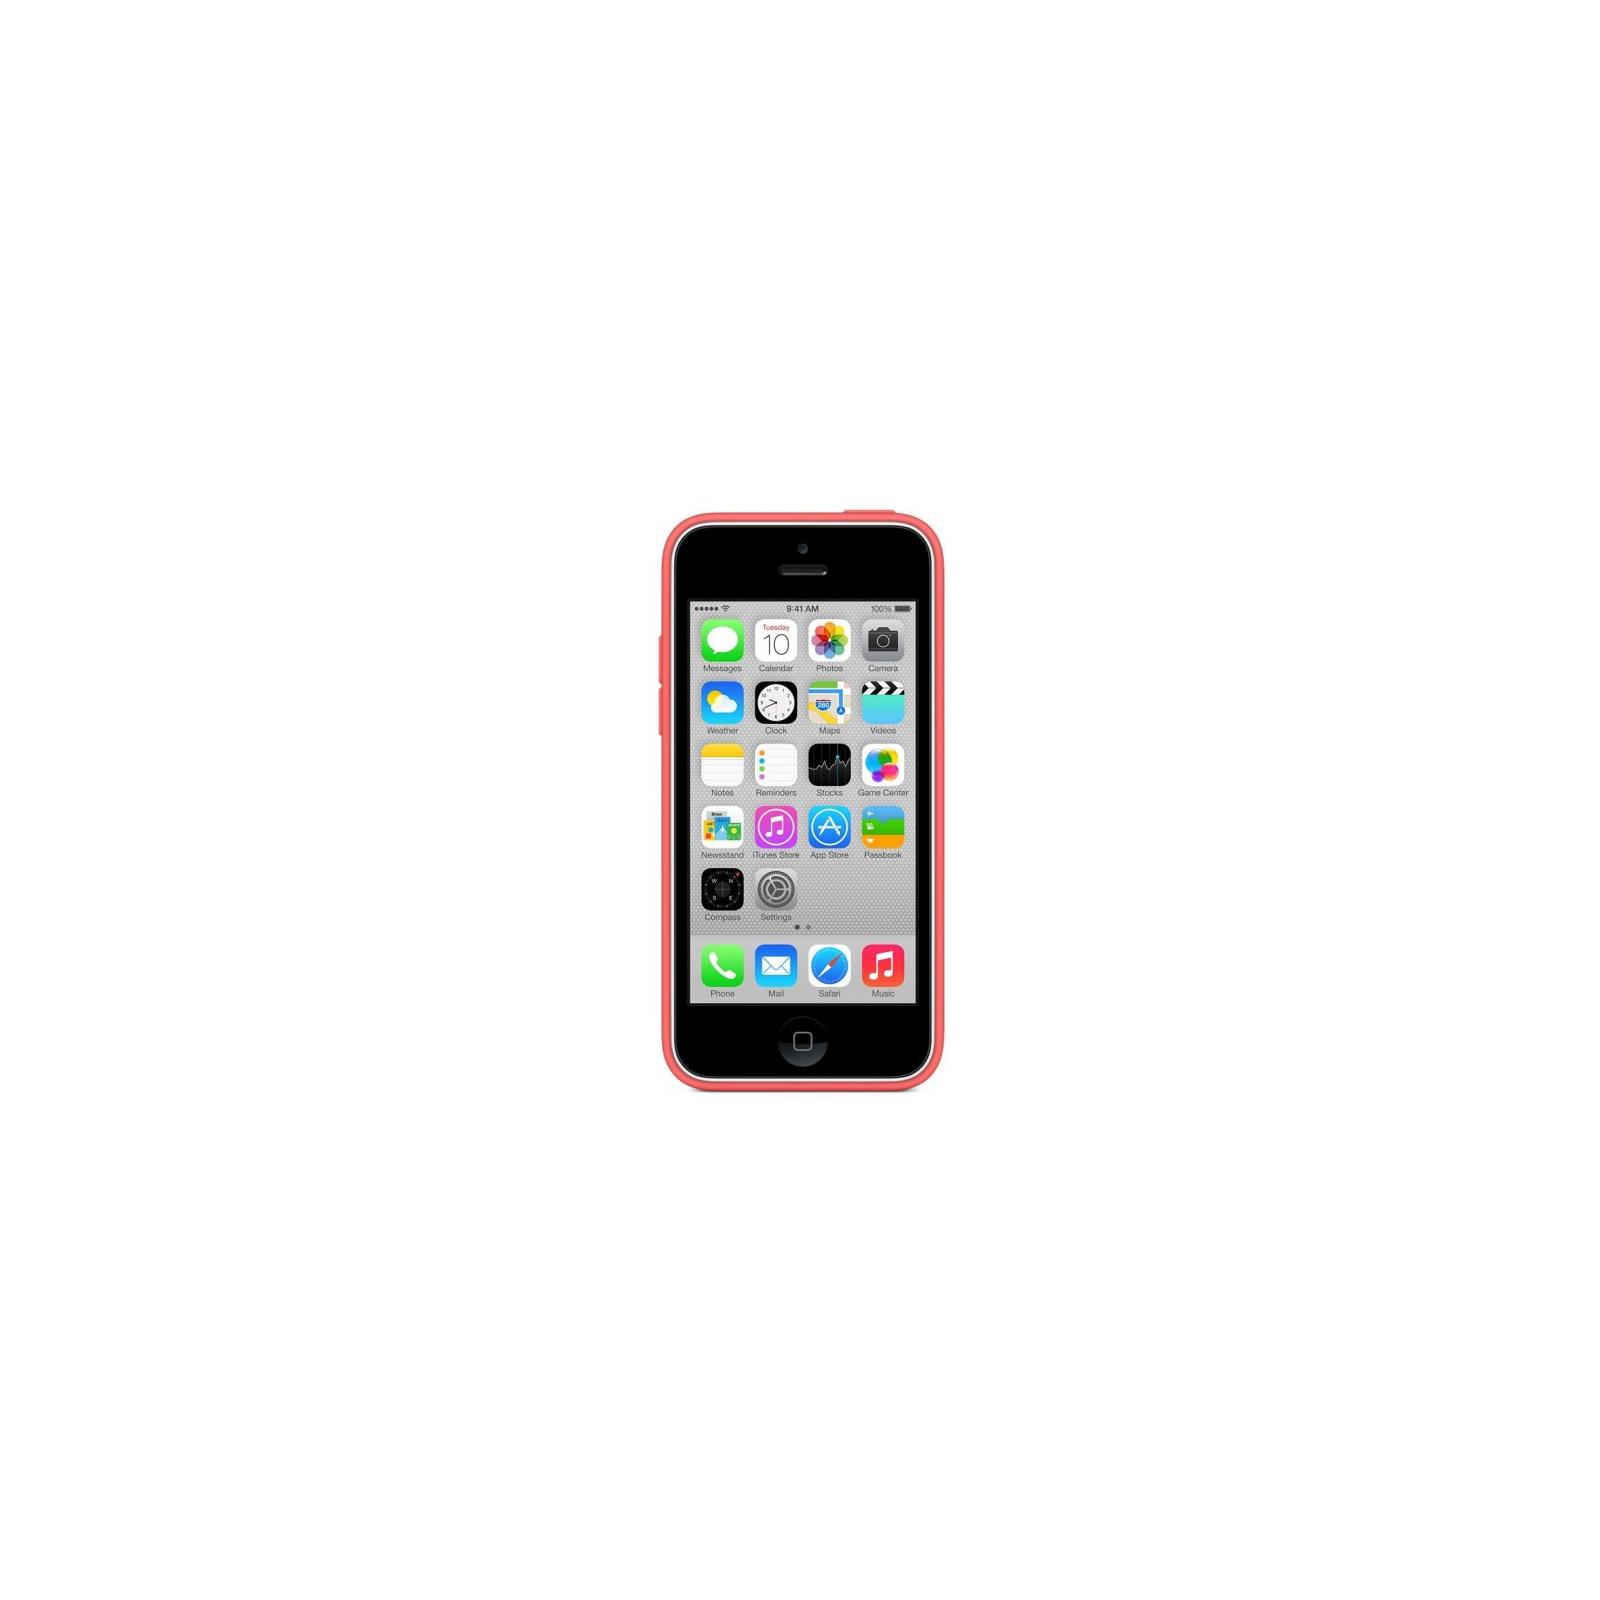 Чехол для моб. телефона Apple для iPhone 5c pink (MF036ZM/A) изображение 4